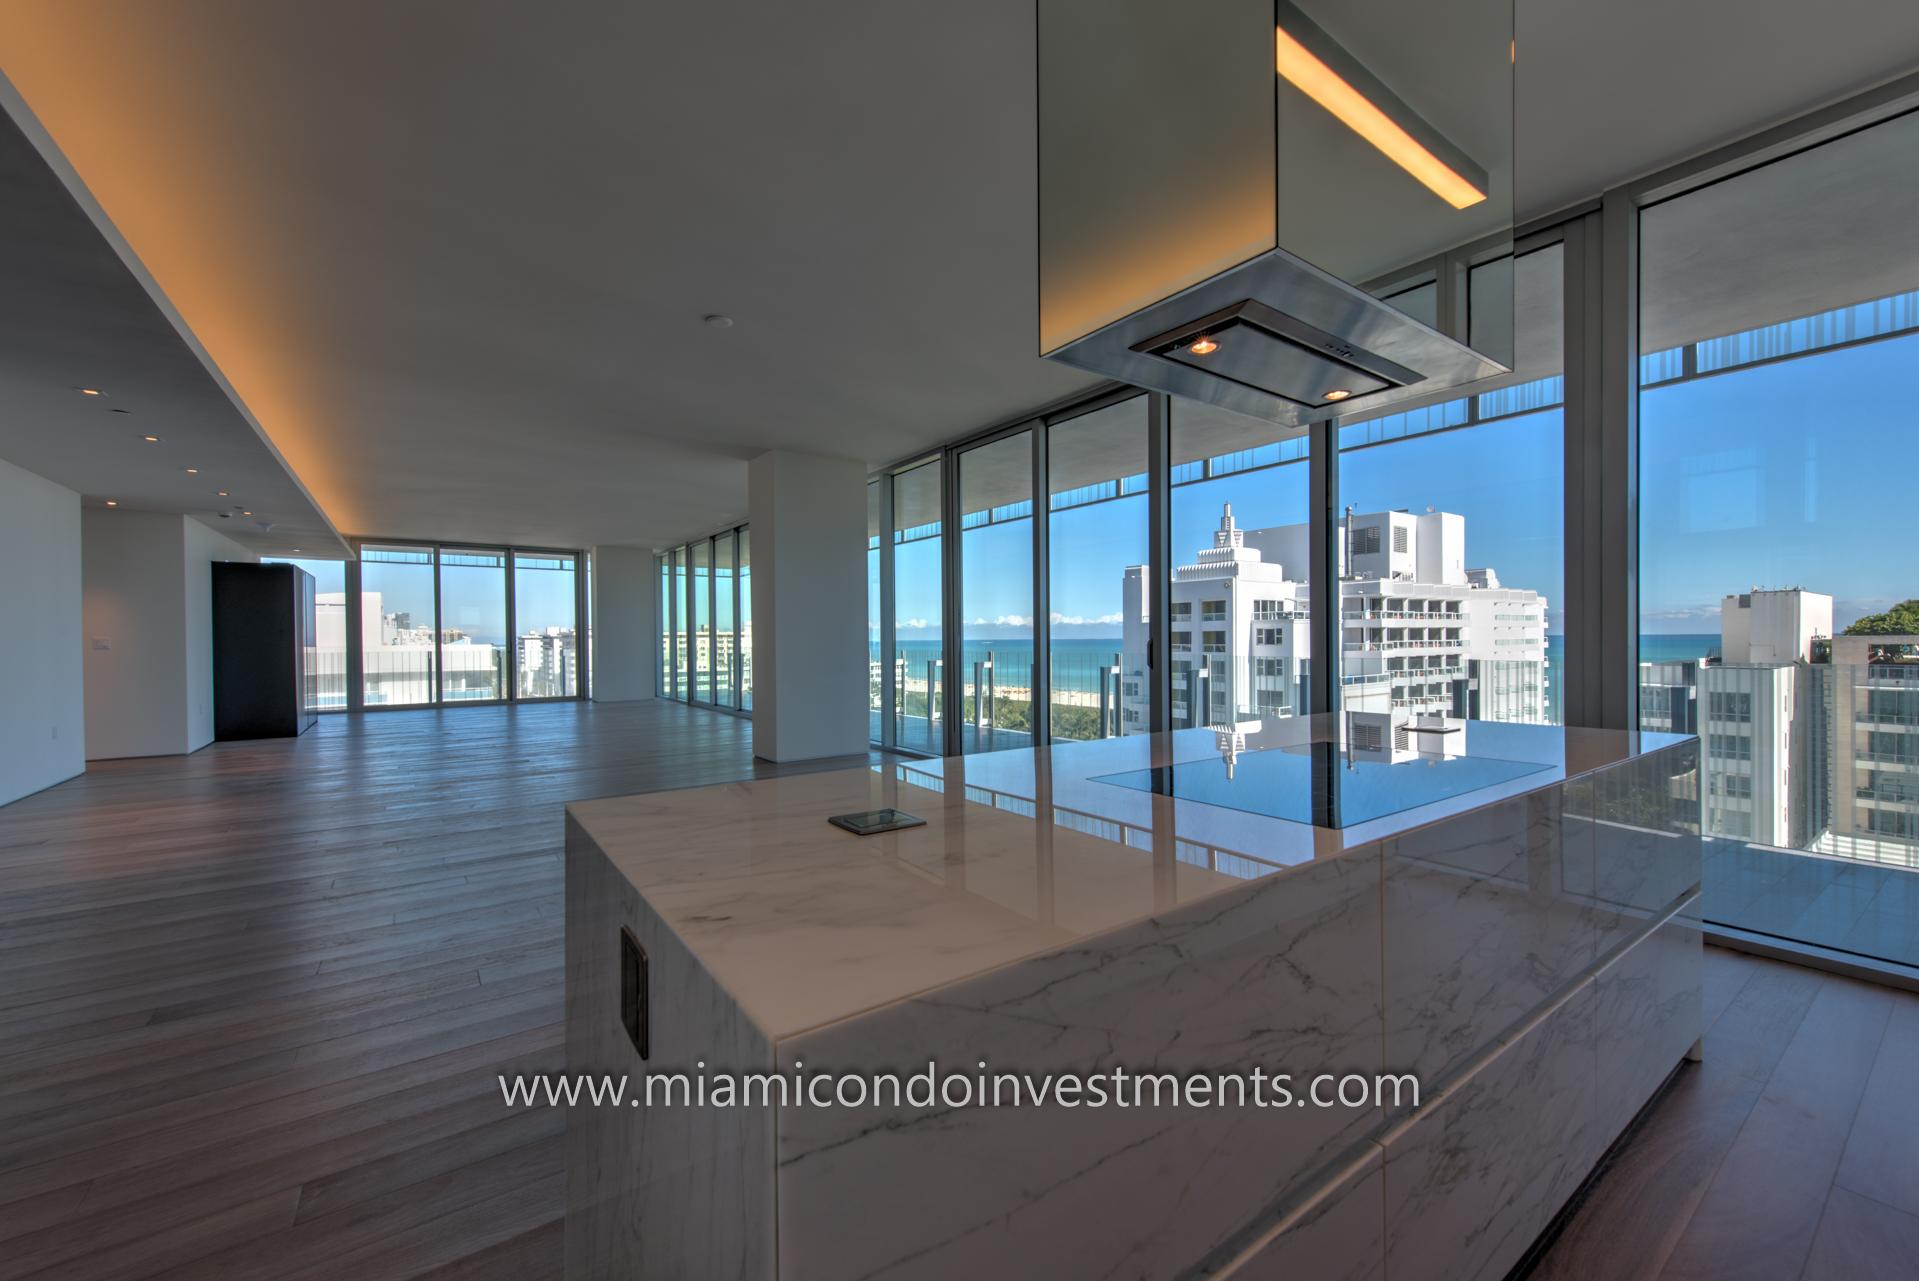 Photo Tour of GLASS condos in Miami Beach